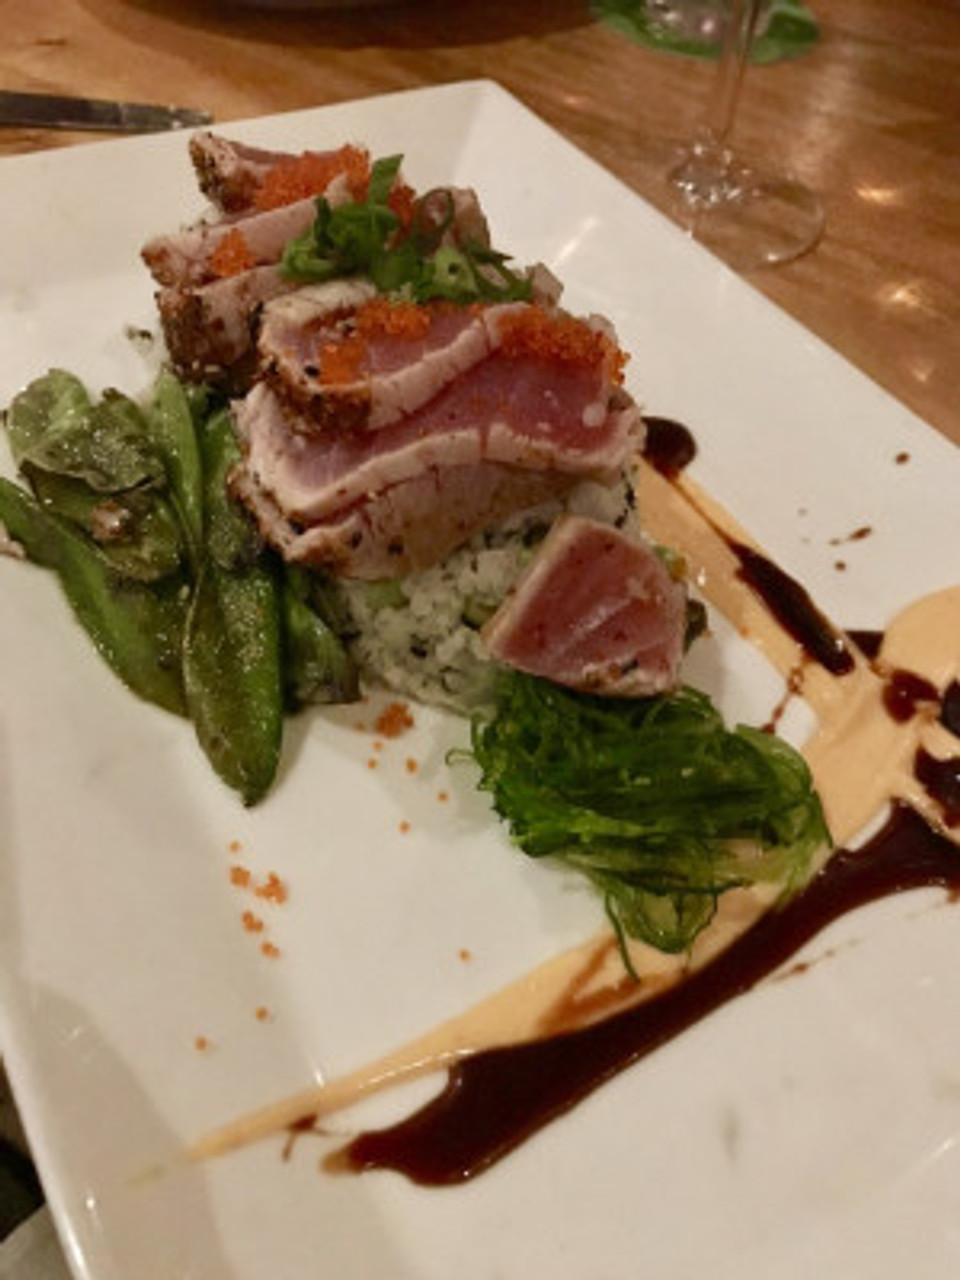 Mouthwatering plate of Tuna Tataki.